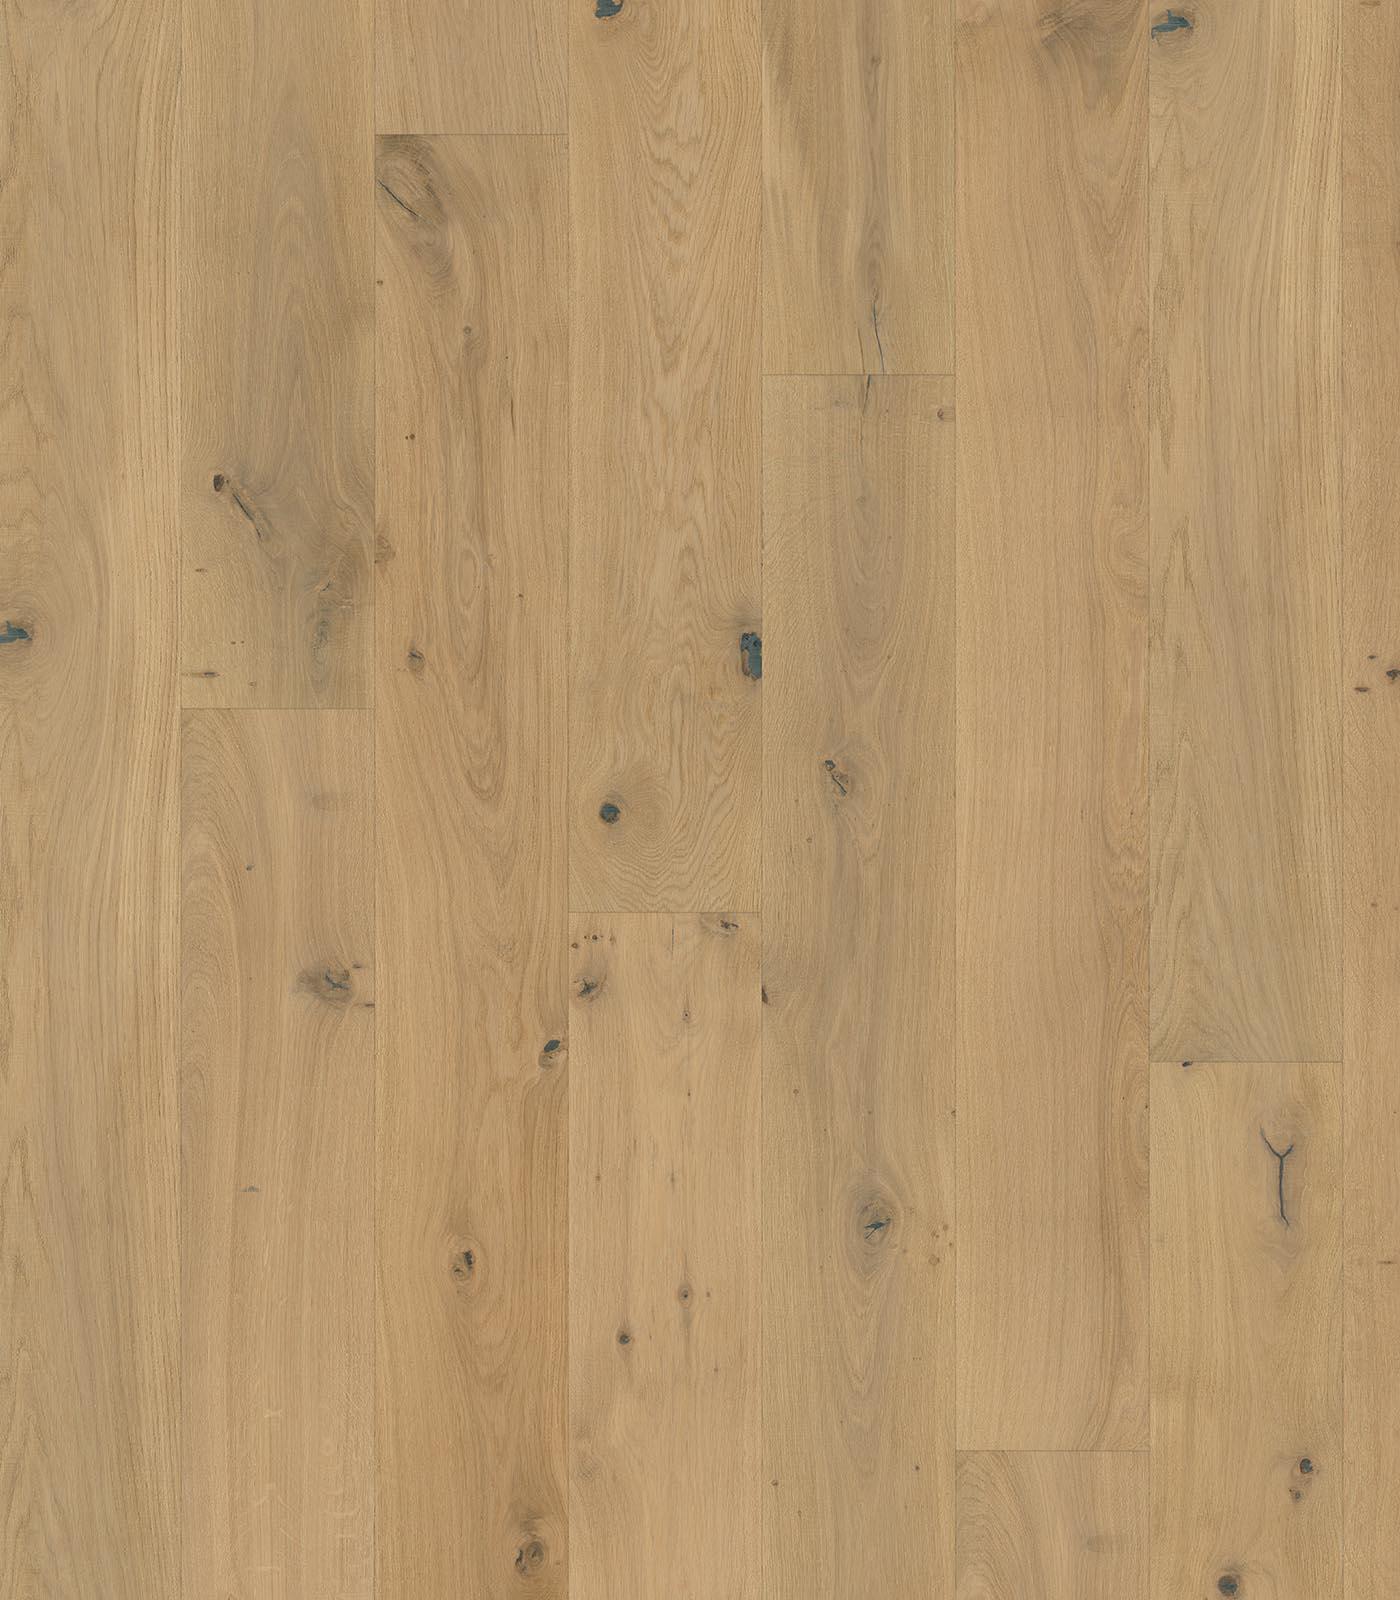 Matterhorn-Antique Collection-European Oak floors-flat